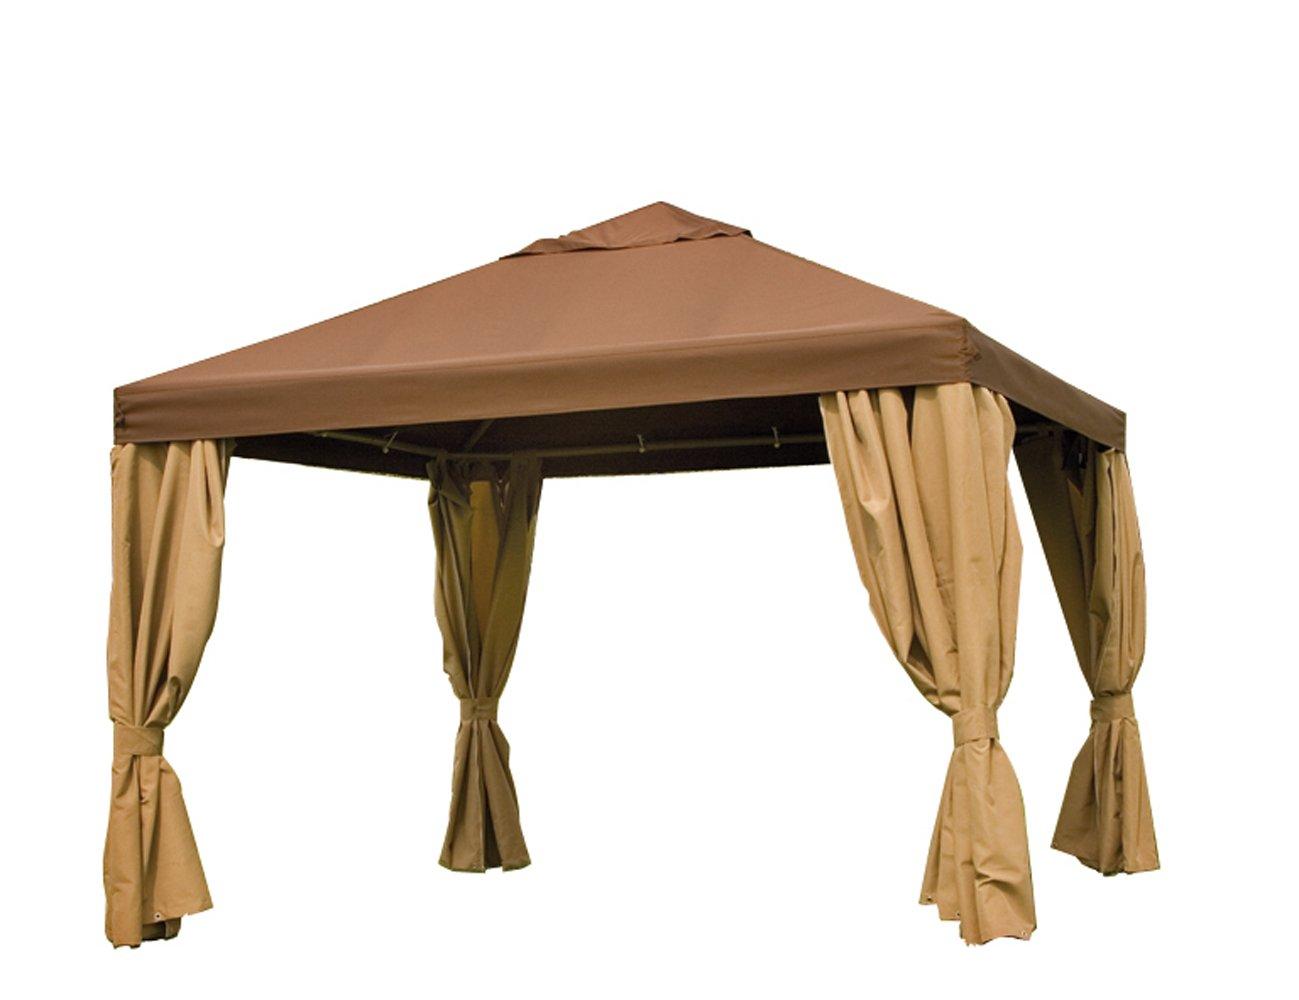 Siena Garden 573320 Dach zu Pavillon Toronto, 3,5×3,5m Polyester 250g/m² mocca PU-beschichtet online kaufen